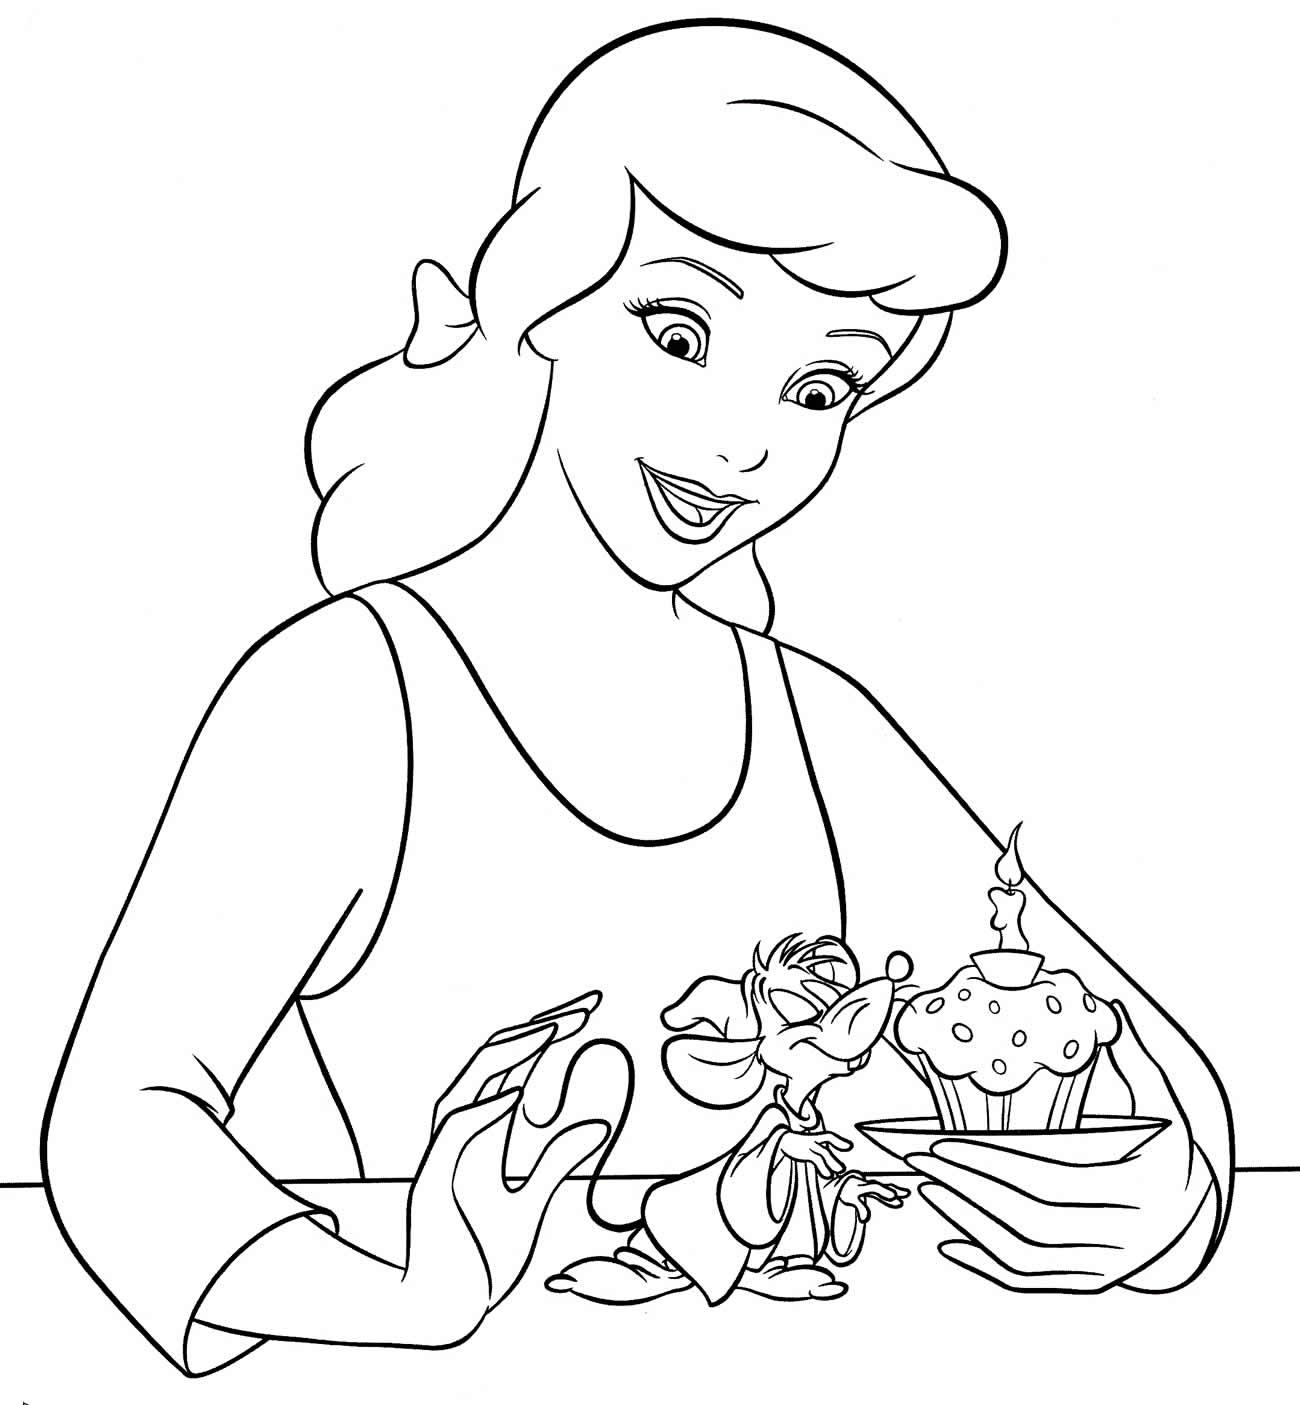 Imagem da Cinderela para colorir